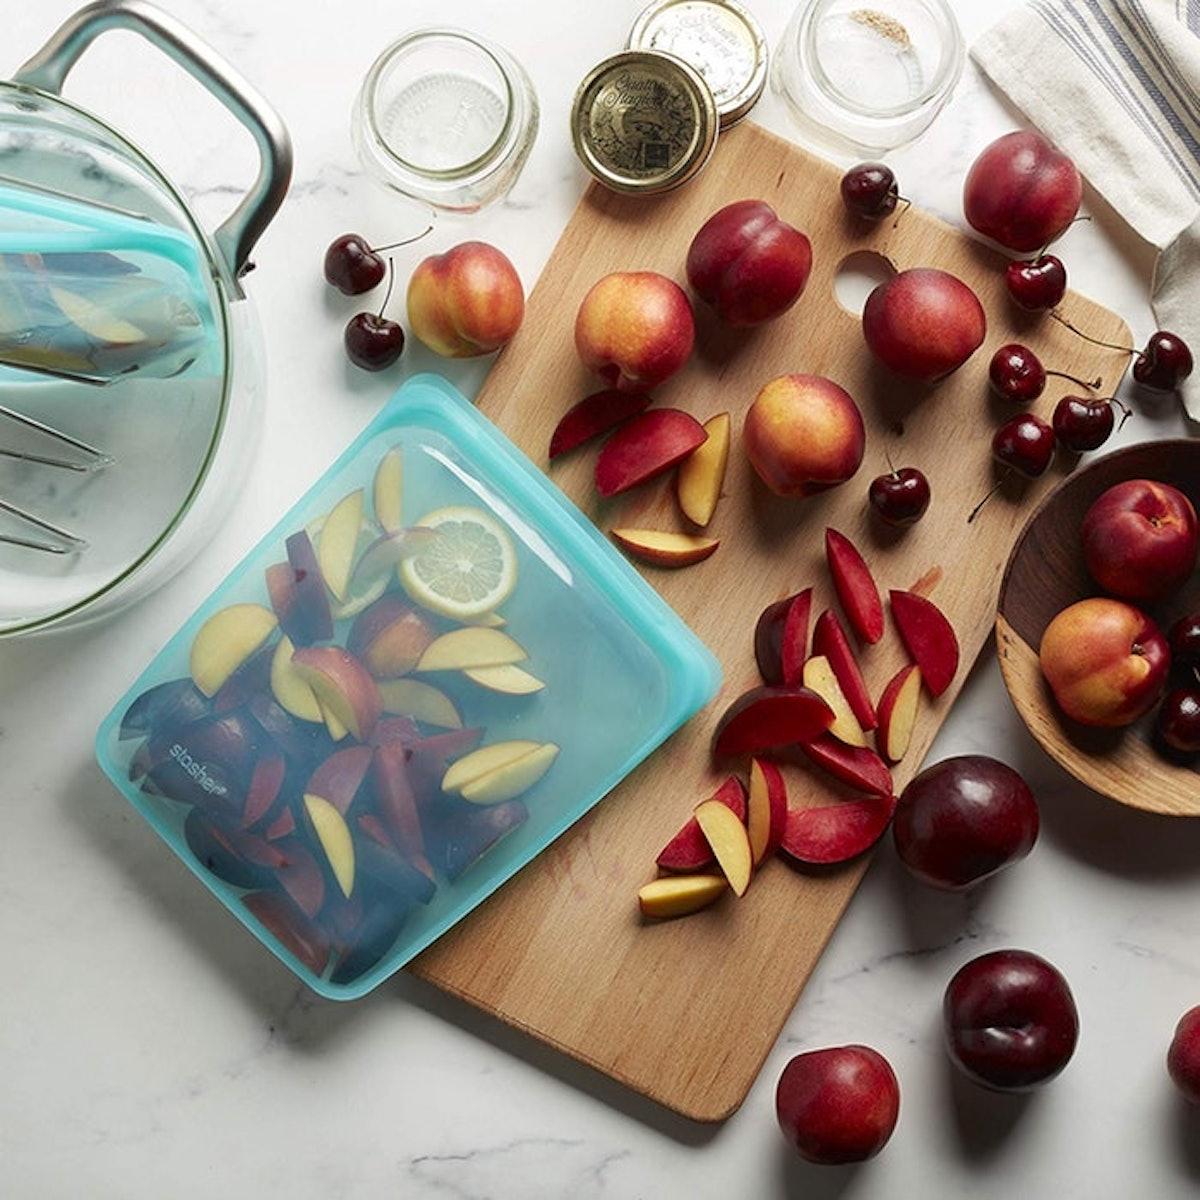 Stasher Food Bag